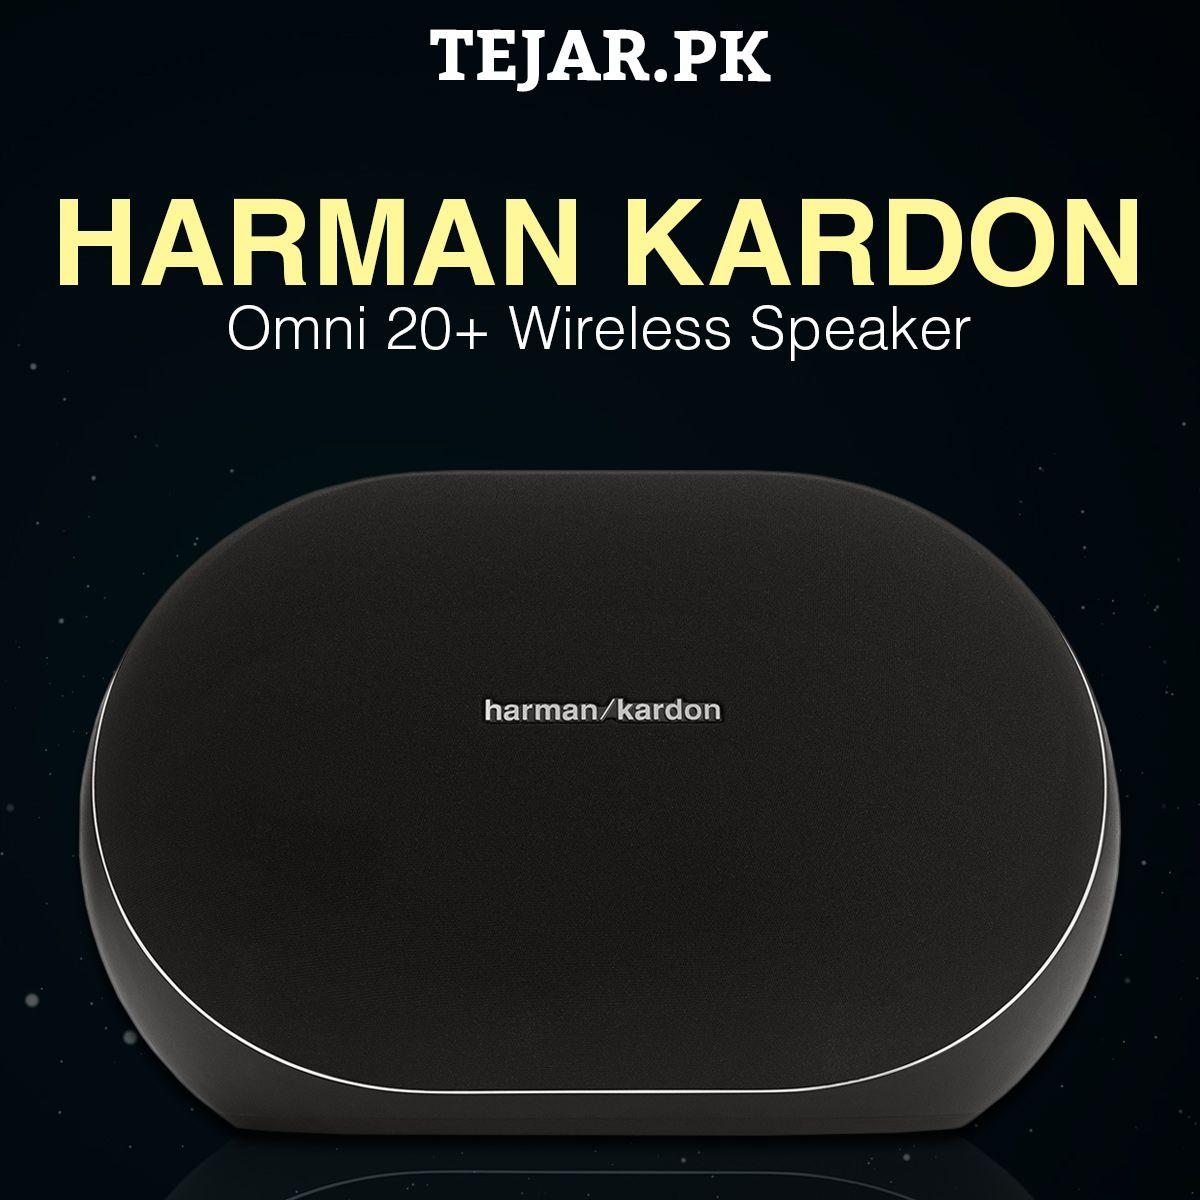 Harman Kardon Omni 20 Wireless Hd Stereo Speaker Harman Kardon Wireless Stereo Speakers